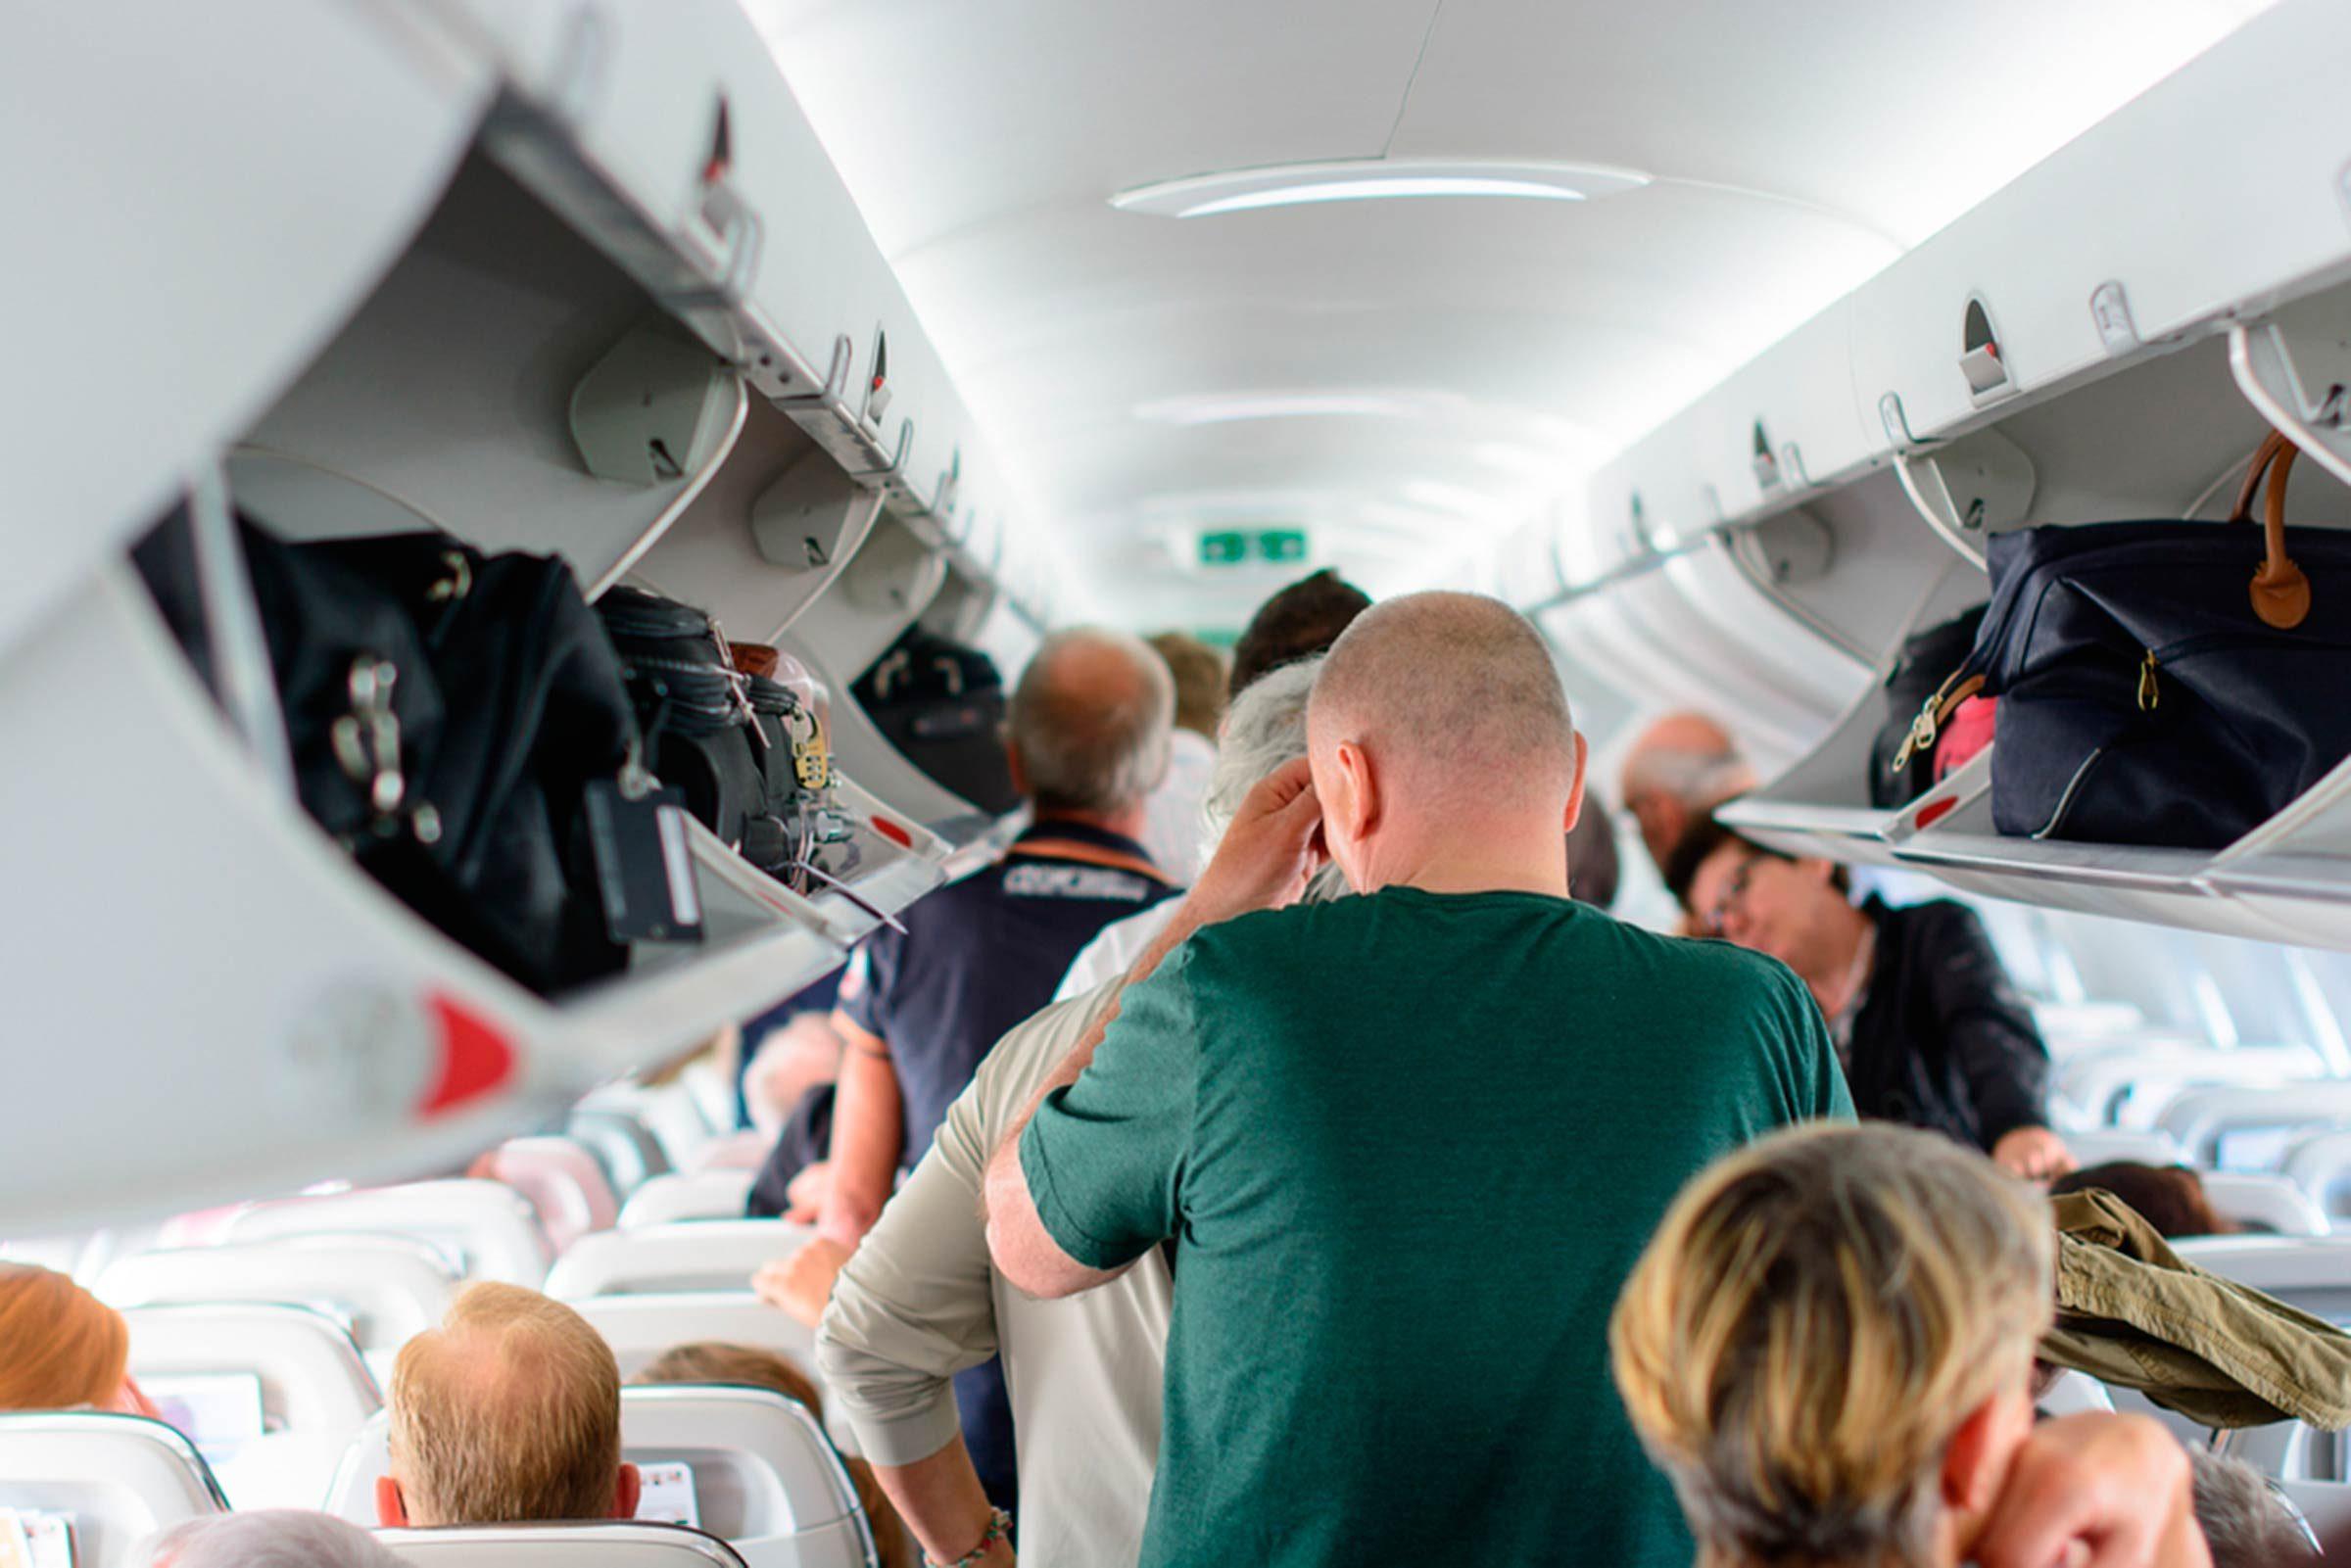 leaving plane